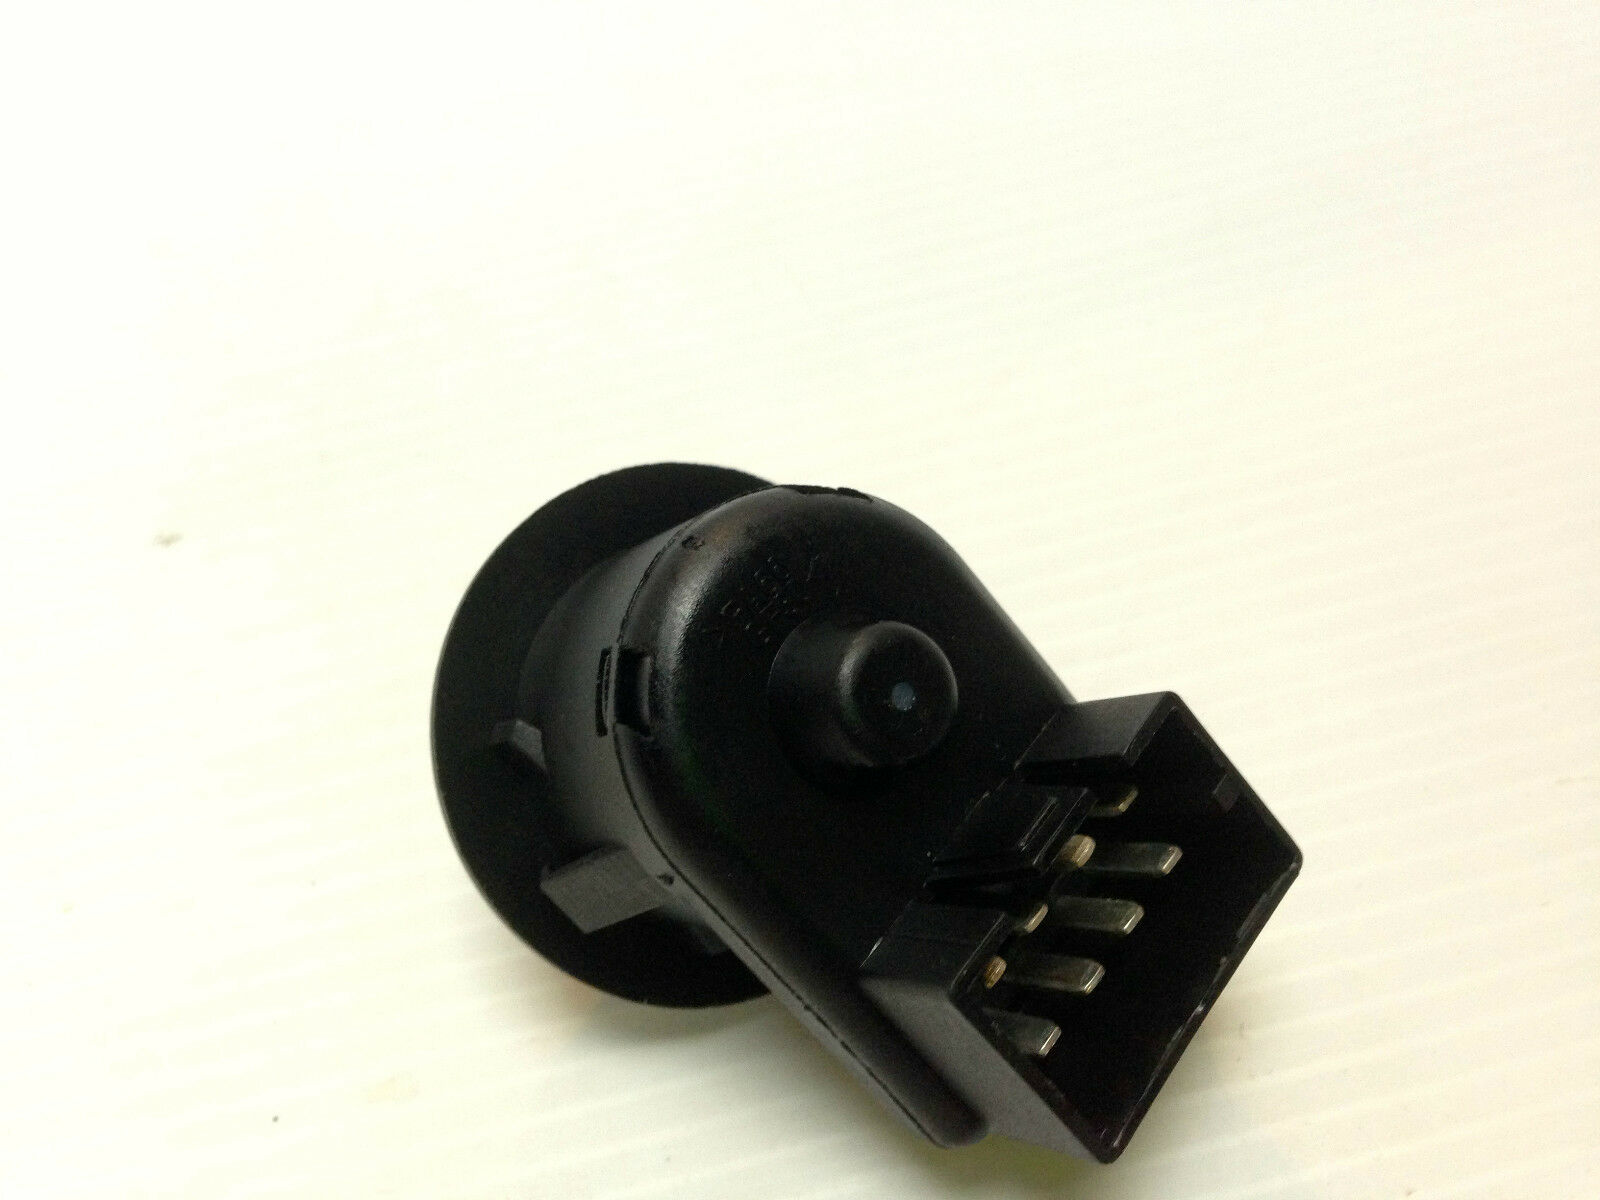 interrupteur-bouton réglage de rétroviseur RENAULT-DACIA/_mirror switch